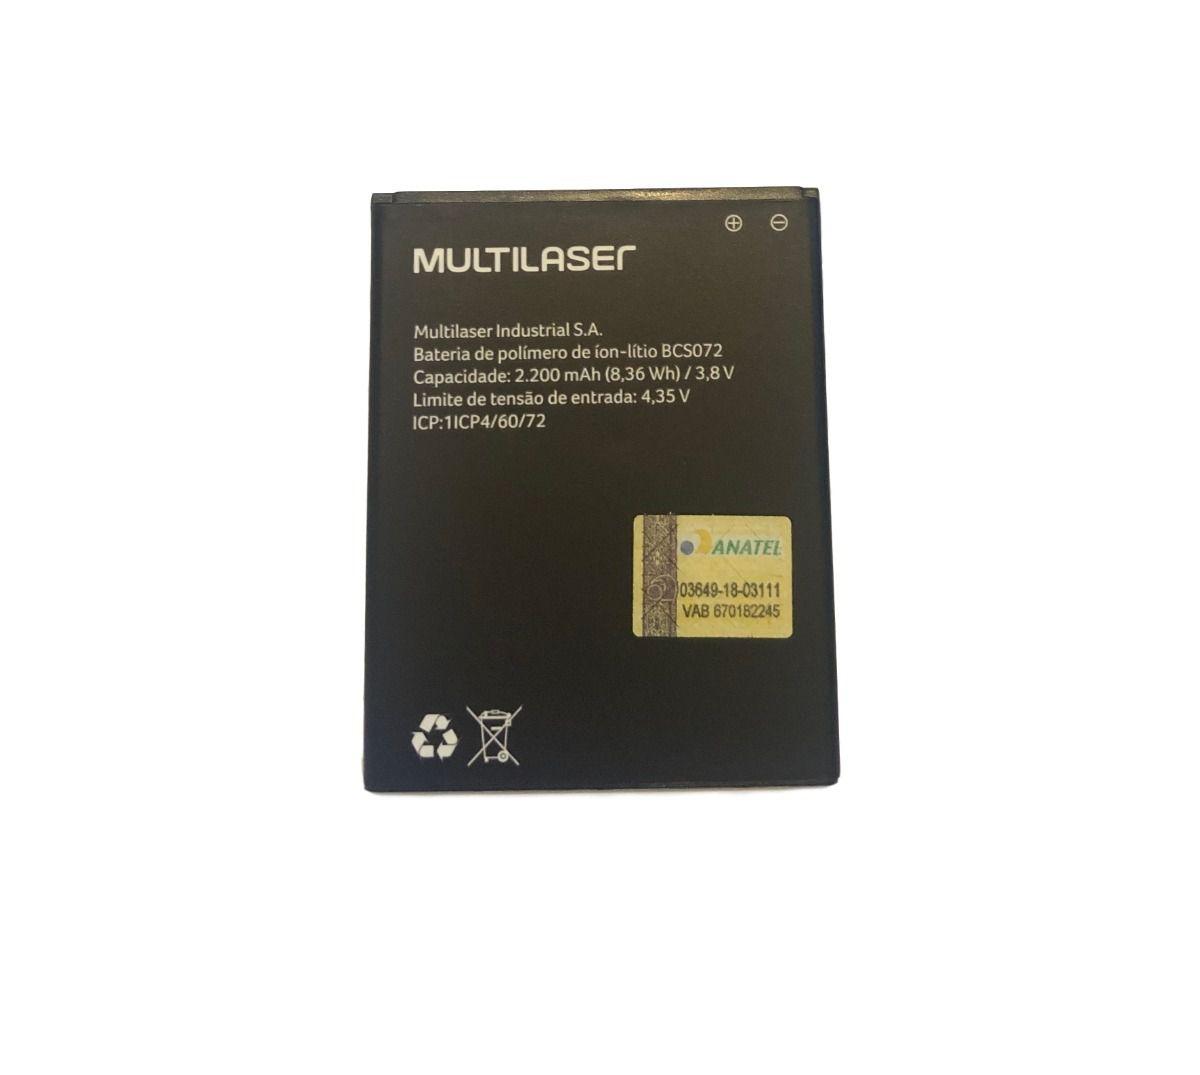 Bateria Multilaser Ms50g Bcs072 2200mah P9072 P9073 P9078Nb730 Pr377